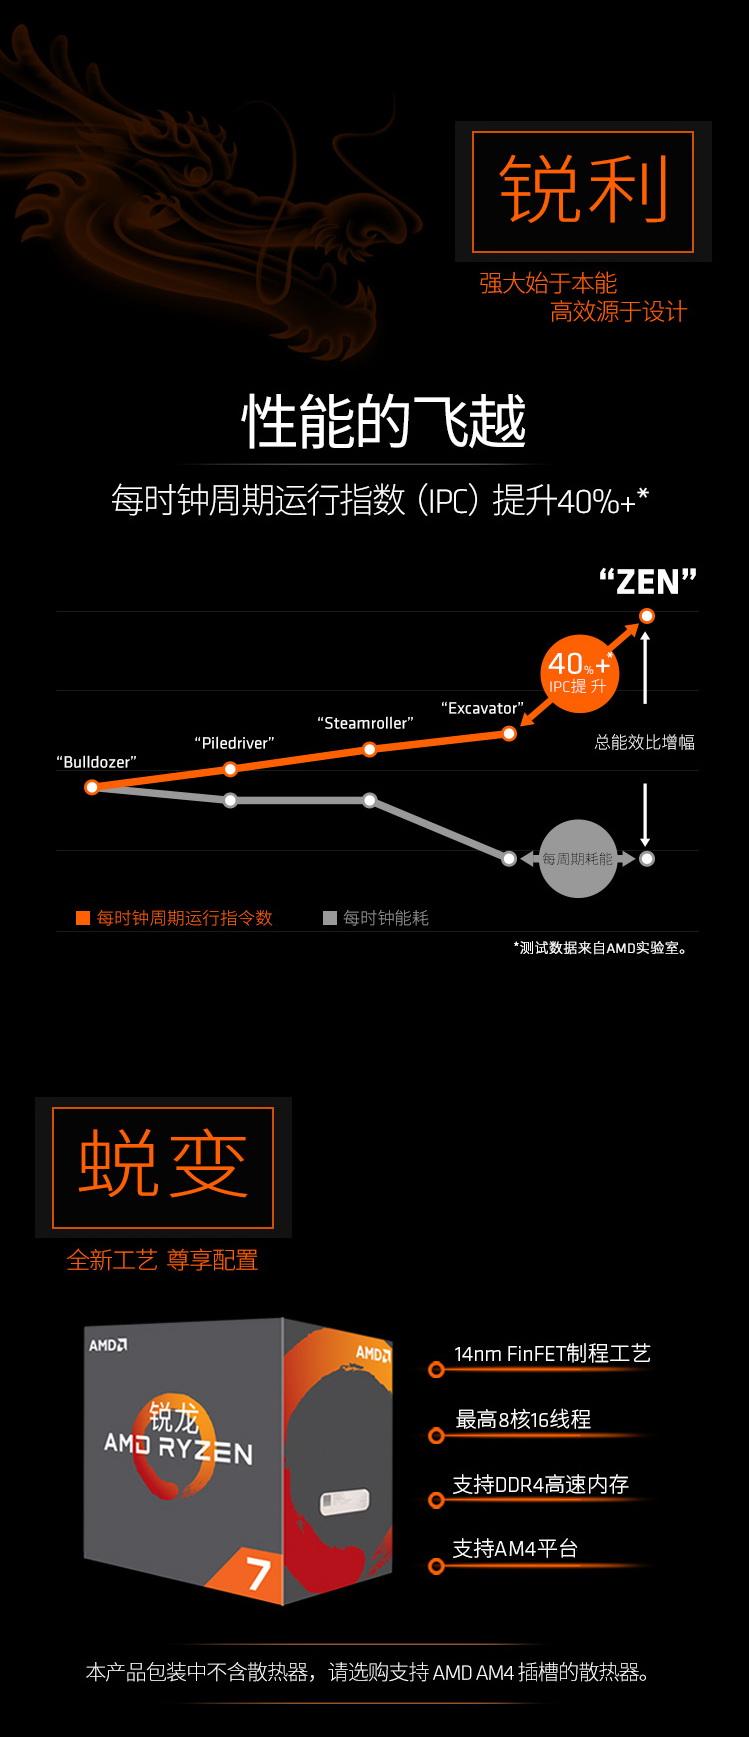 锐龙 AMD Ryzen 7 1700X 处理器8核 AM4接口